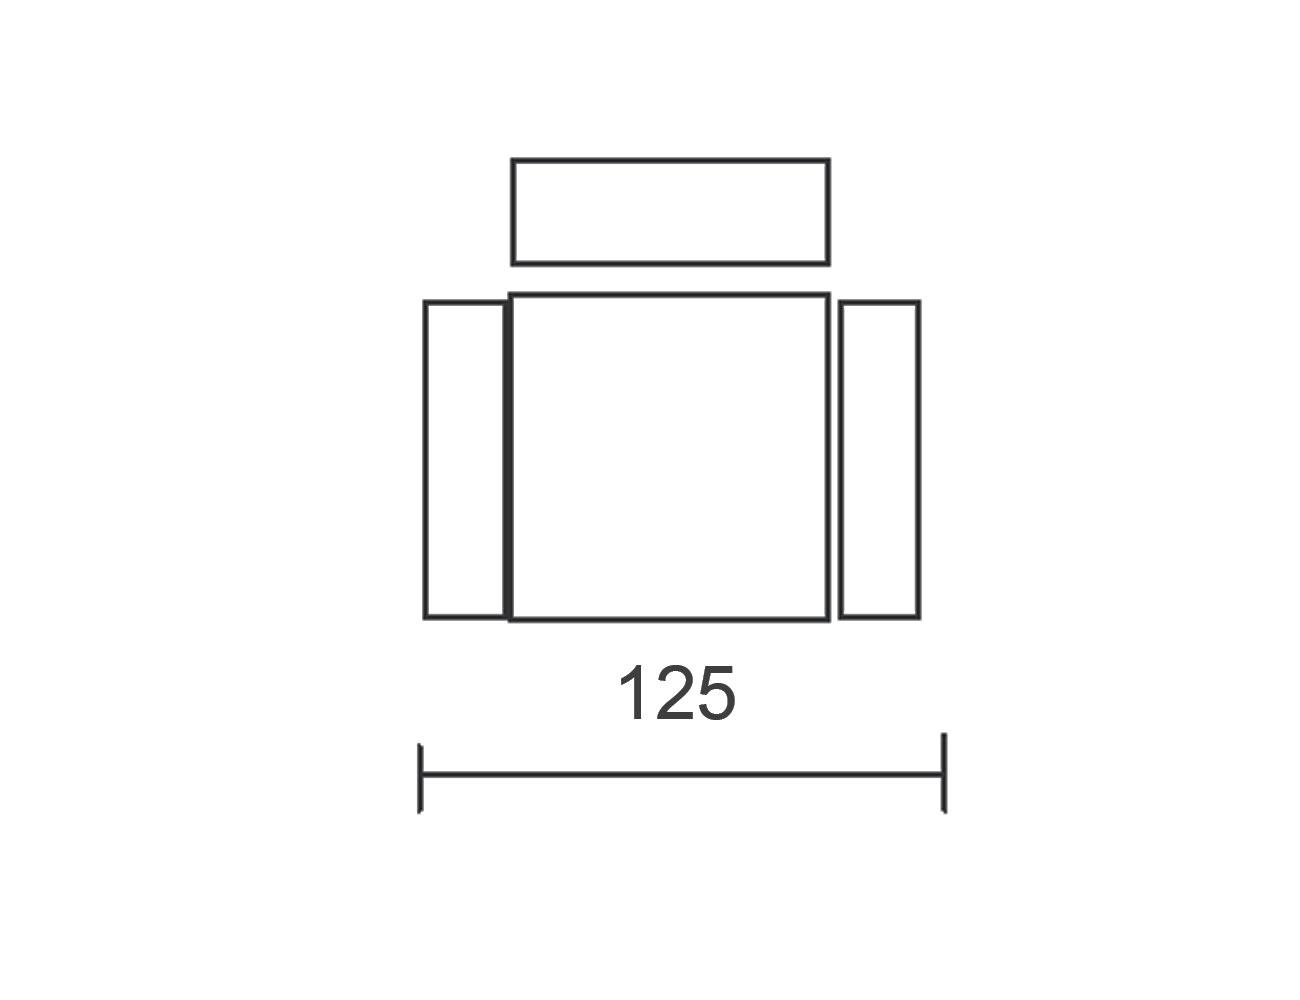 Modulo 1255